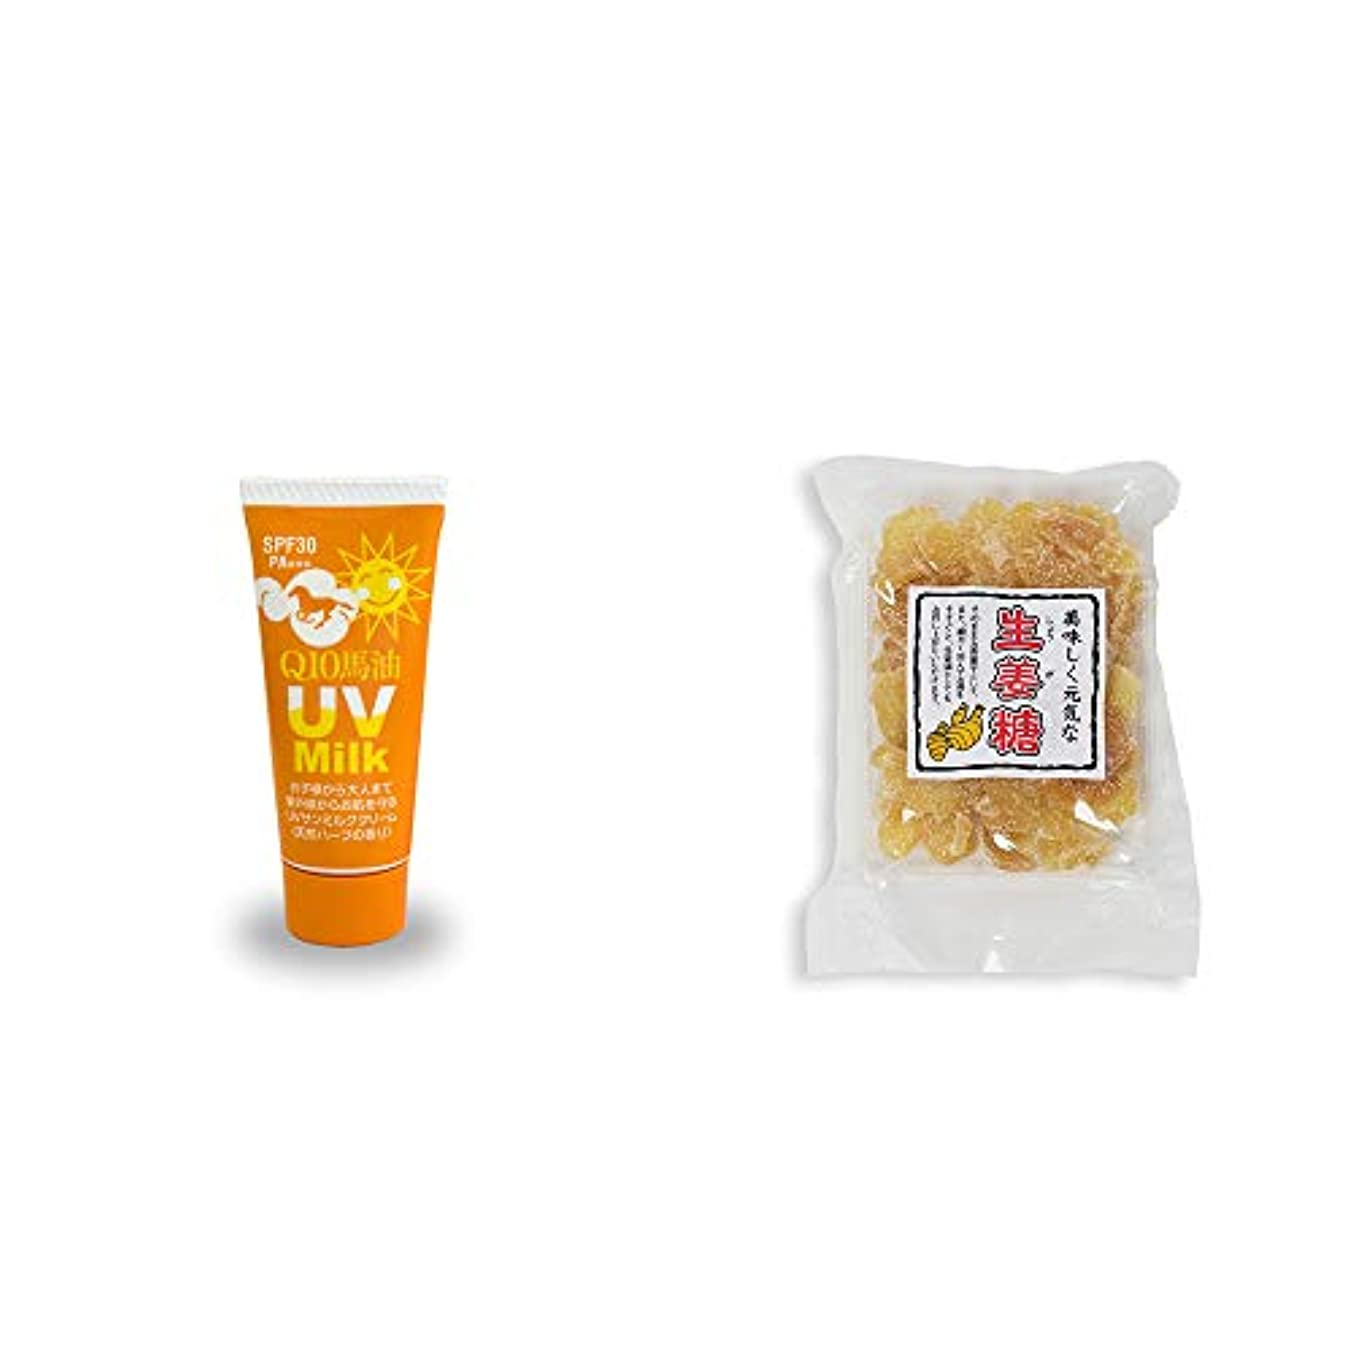 講義タイトジャングル[2点セット] 炭黒泉 Q10馬油 UVサンミルク[天然ハーブ](40g)?生姜糖(230g)